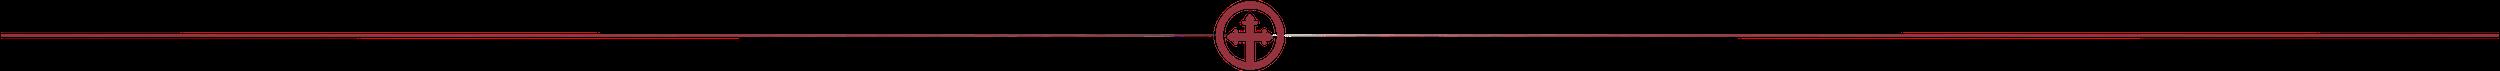 Logo Divider Red.png